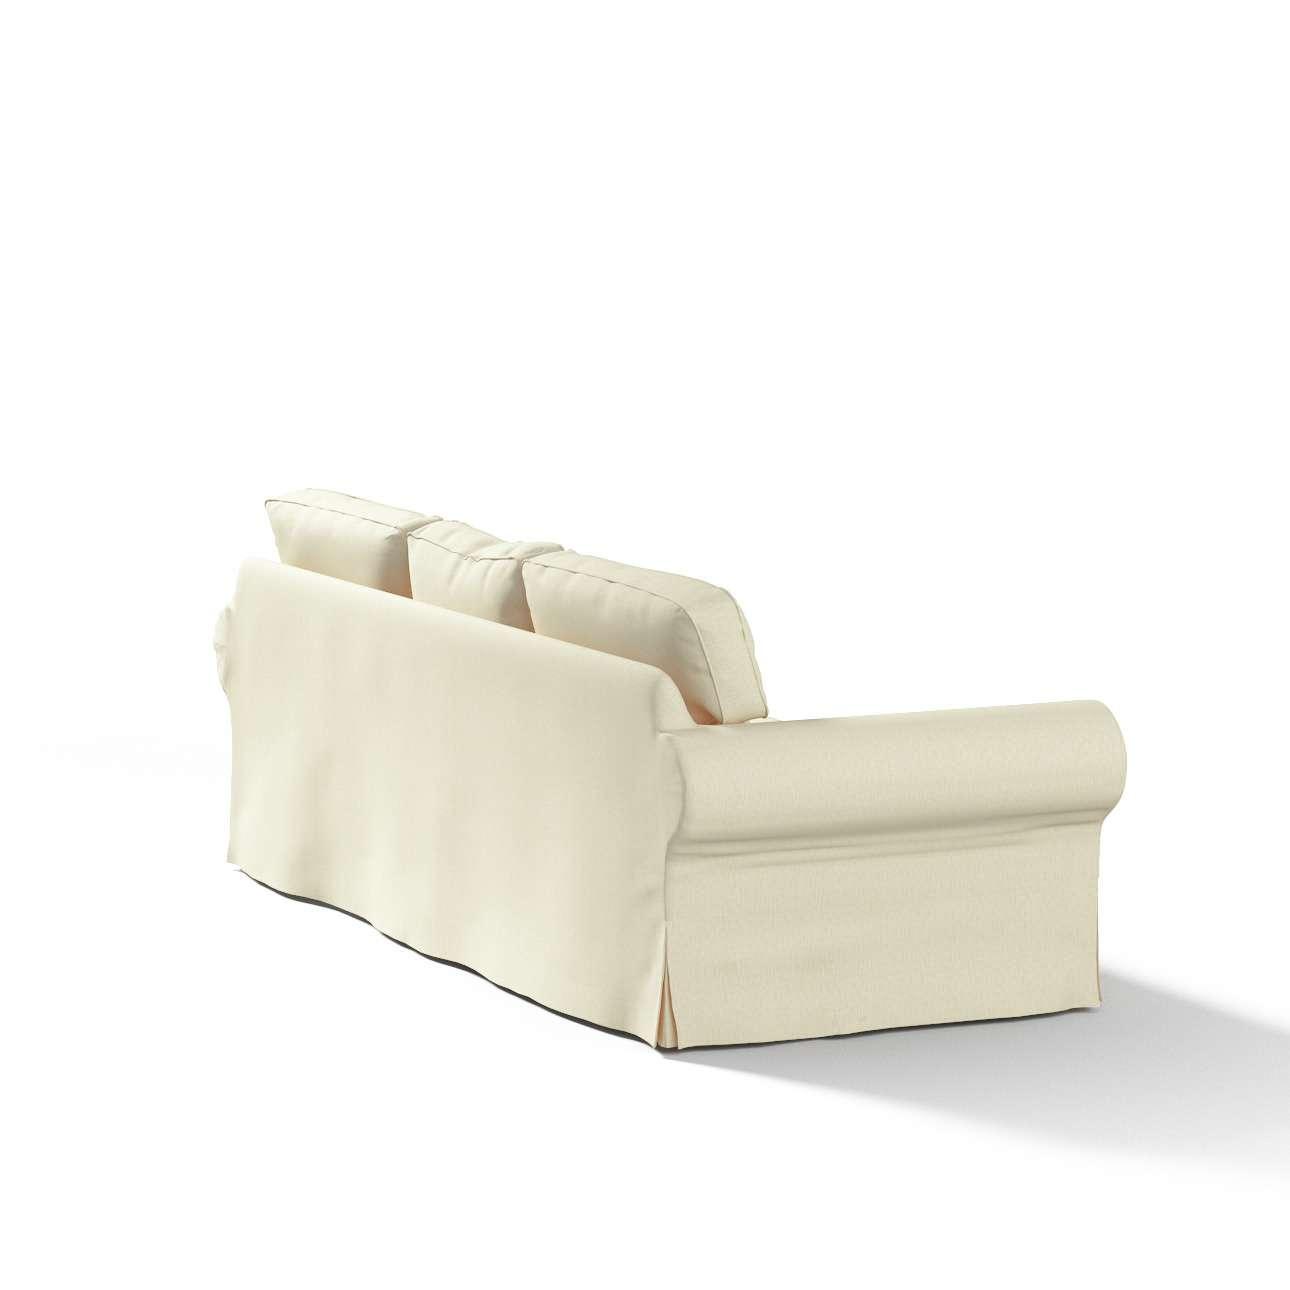 Pokrowiec na sofę Ektorp 3-osobową, rozkładaną STARY MODEL Sofa Ektorp 3-osobowa rozkładana w kolekcji Chenille, tkanina: 702-22